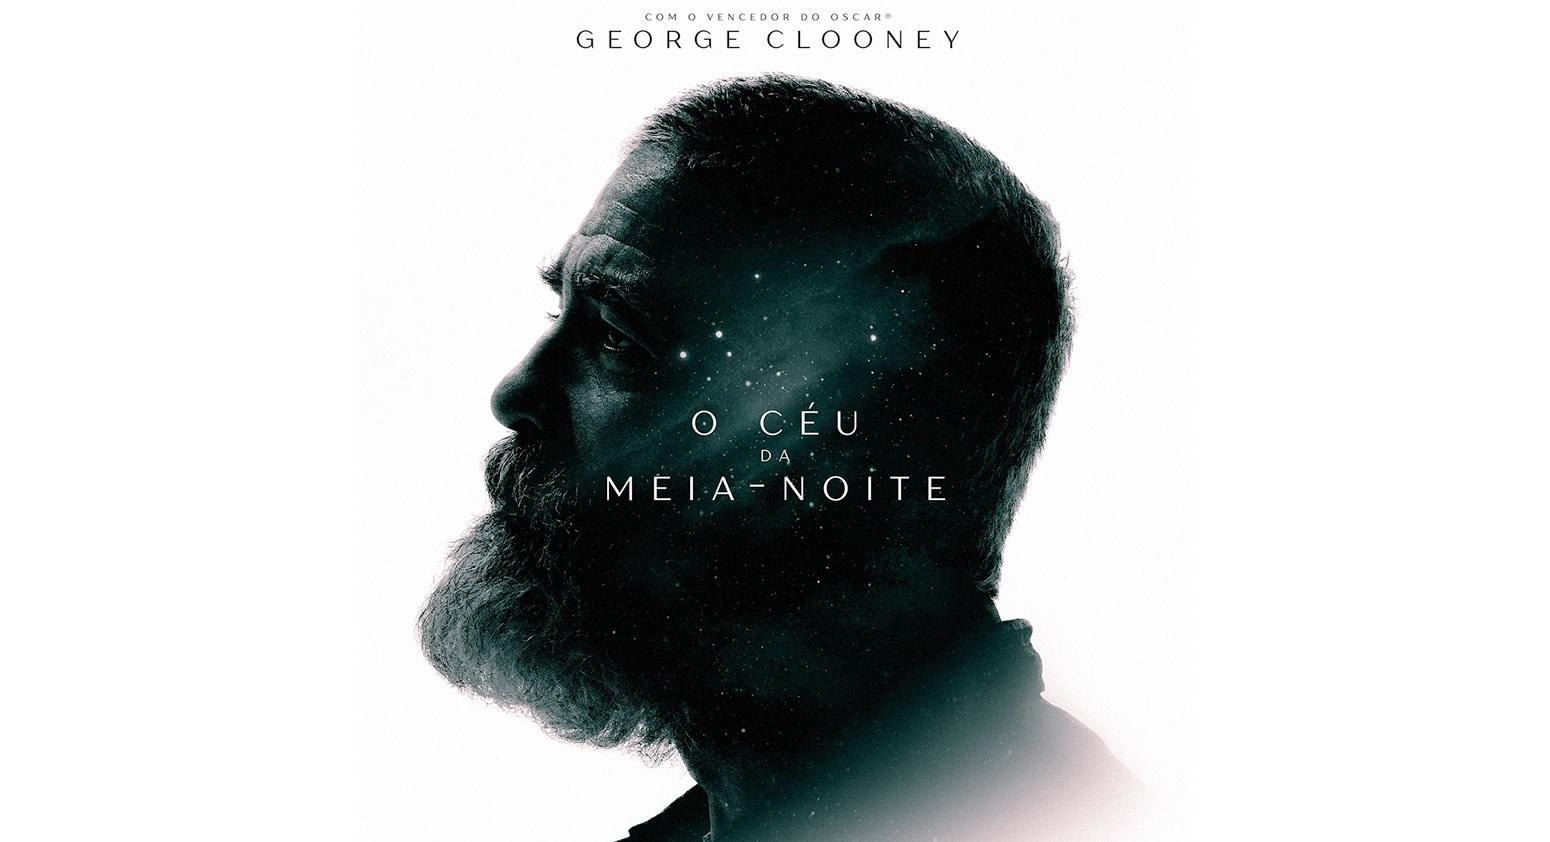 O CÉU DA MEIA-NOITE   Filme pós-apocalíptico com George Clooney na Netflix